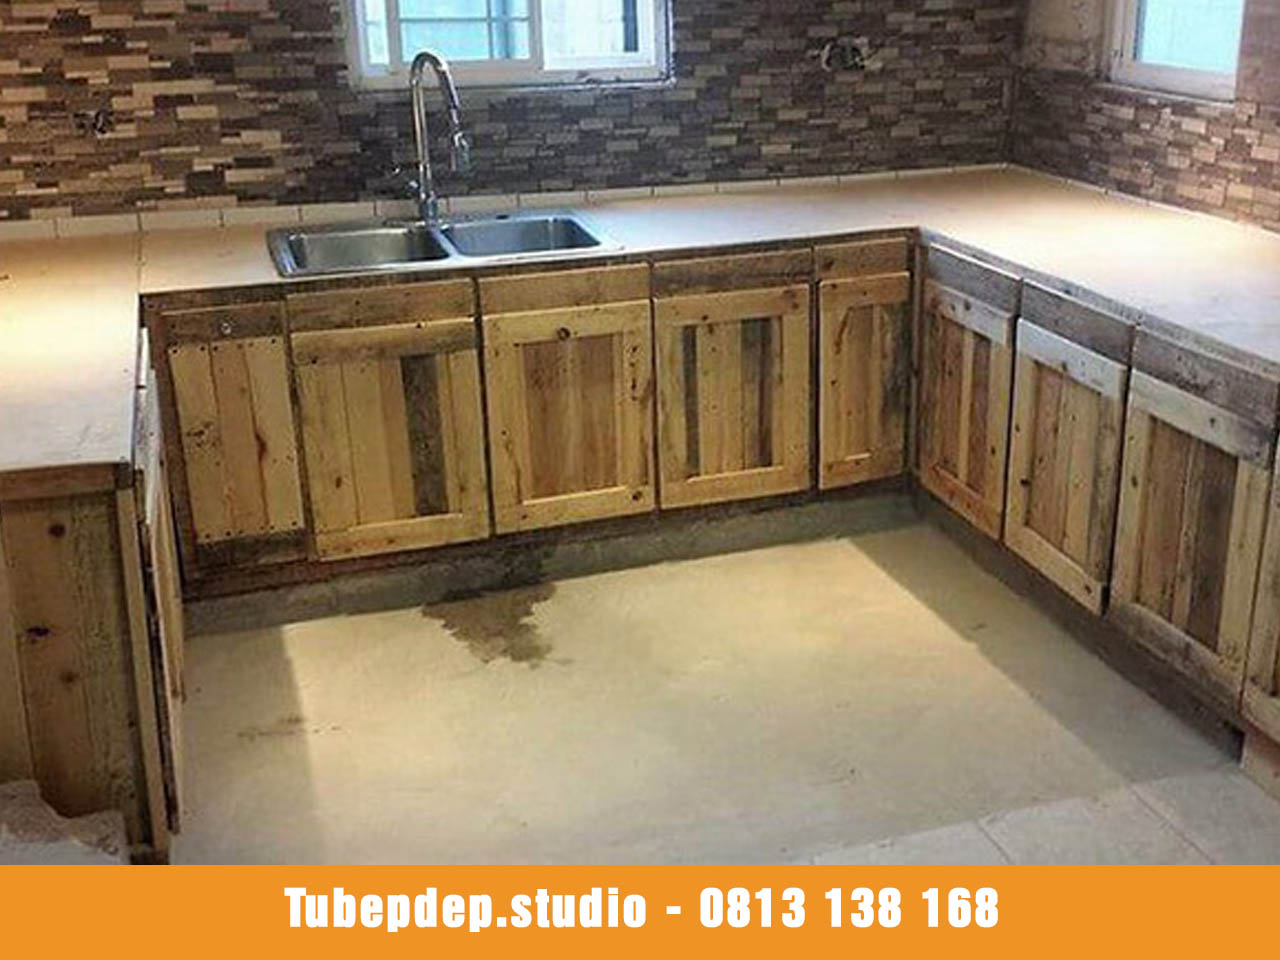 Cơ sở thi công tủ bếp bằng gỗ Pallet tại Tân Phú